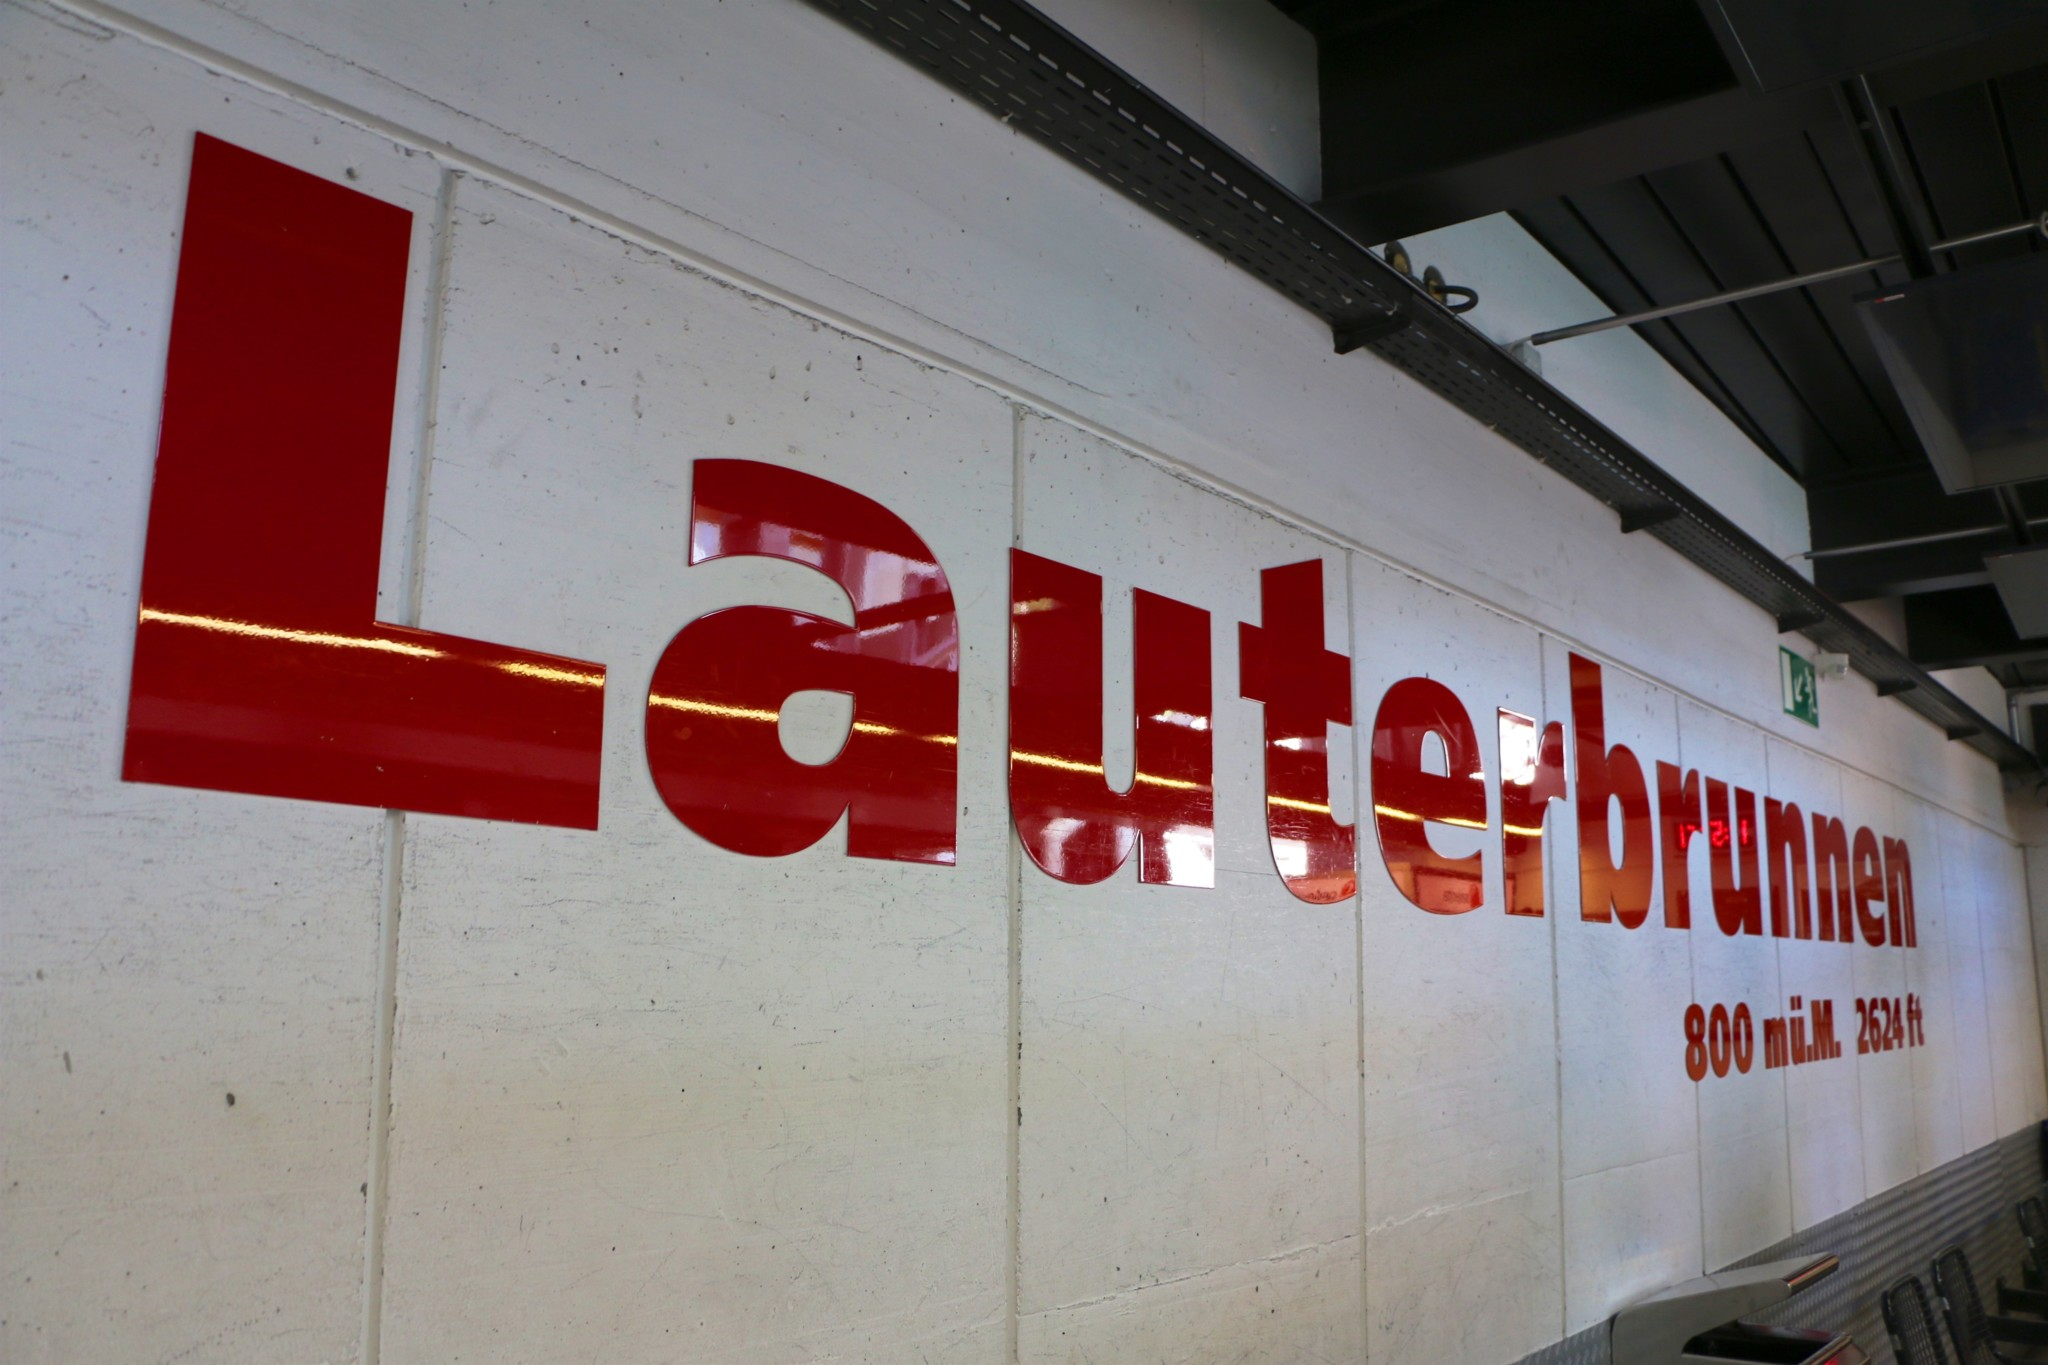 Lauterbrunnen Cable Car